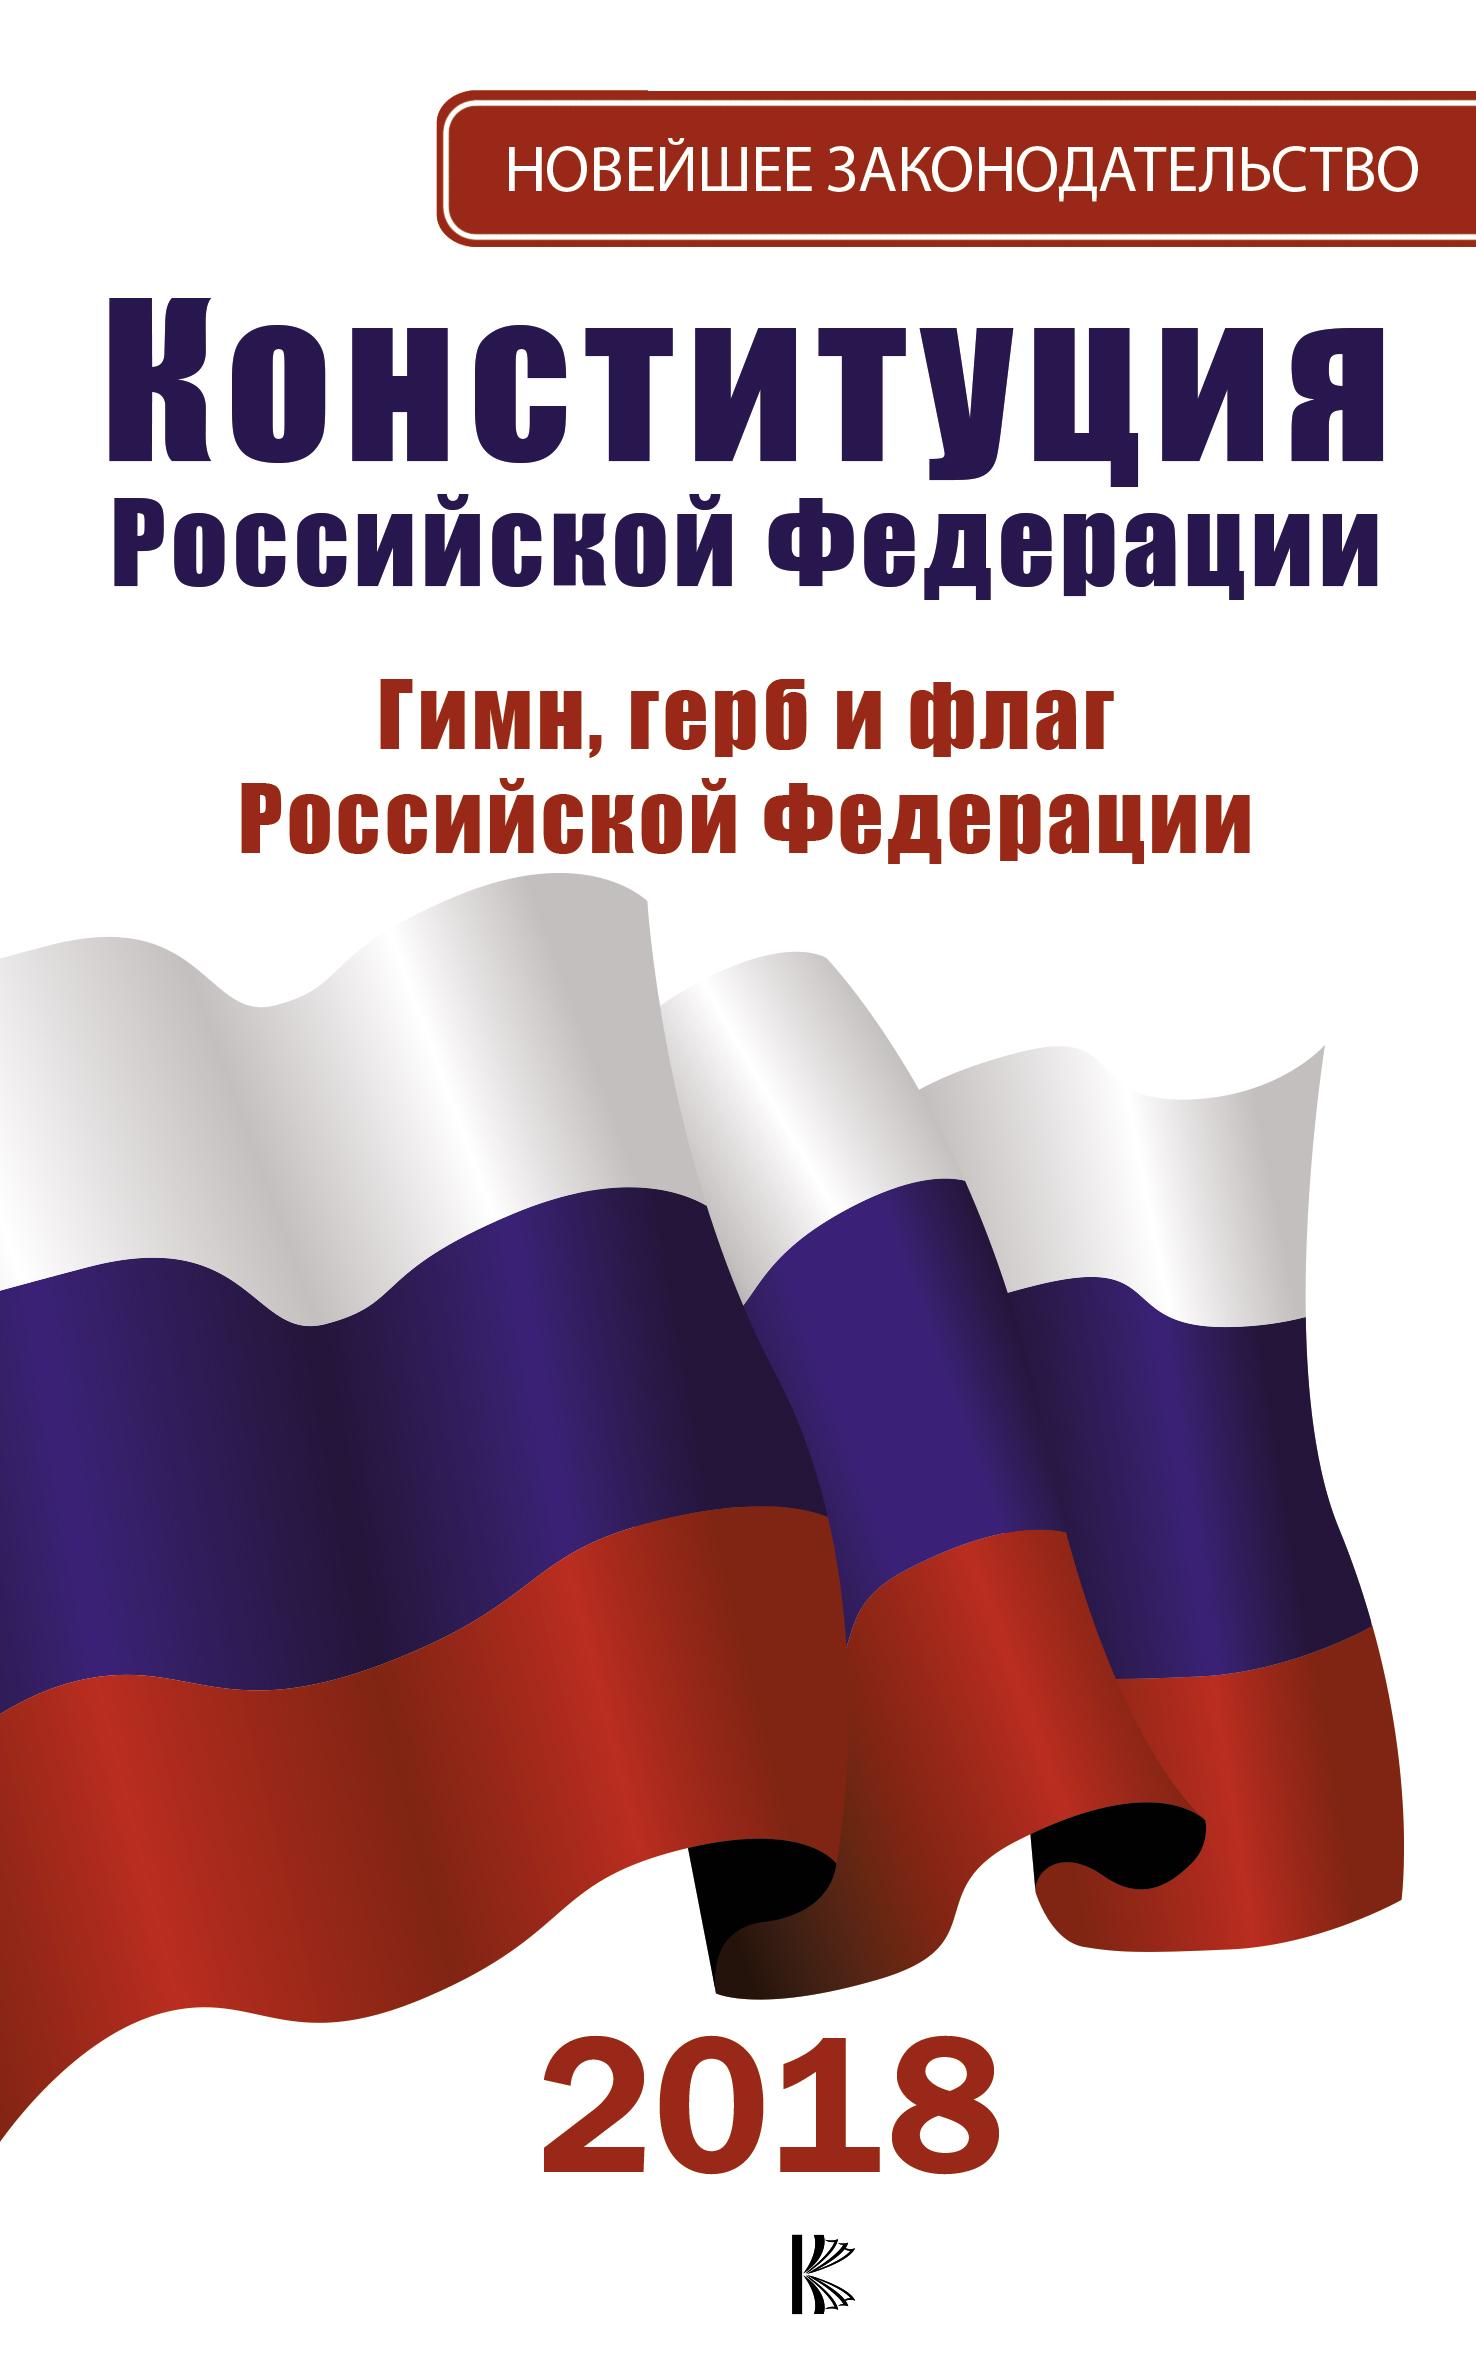 . Конституция Российской Федерации на 2018 год. Герб. Гимн. Флаг